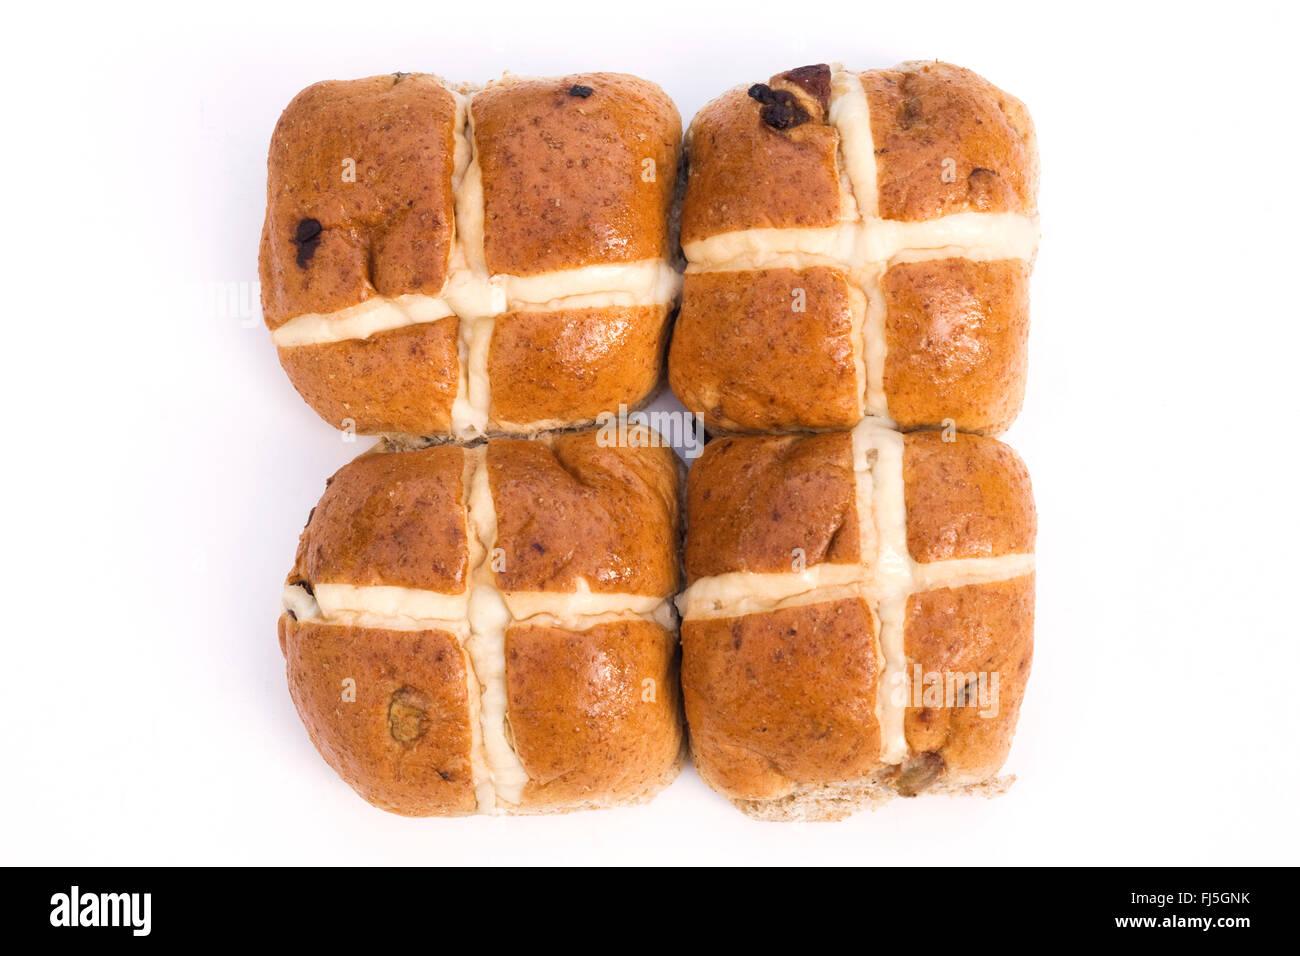 Vier Hot Cross Buns auf weißem Hintergrund. Stockbild